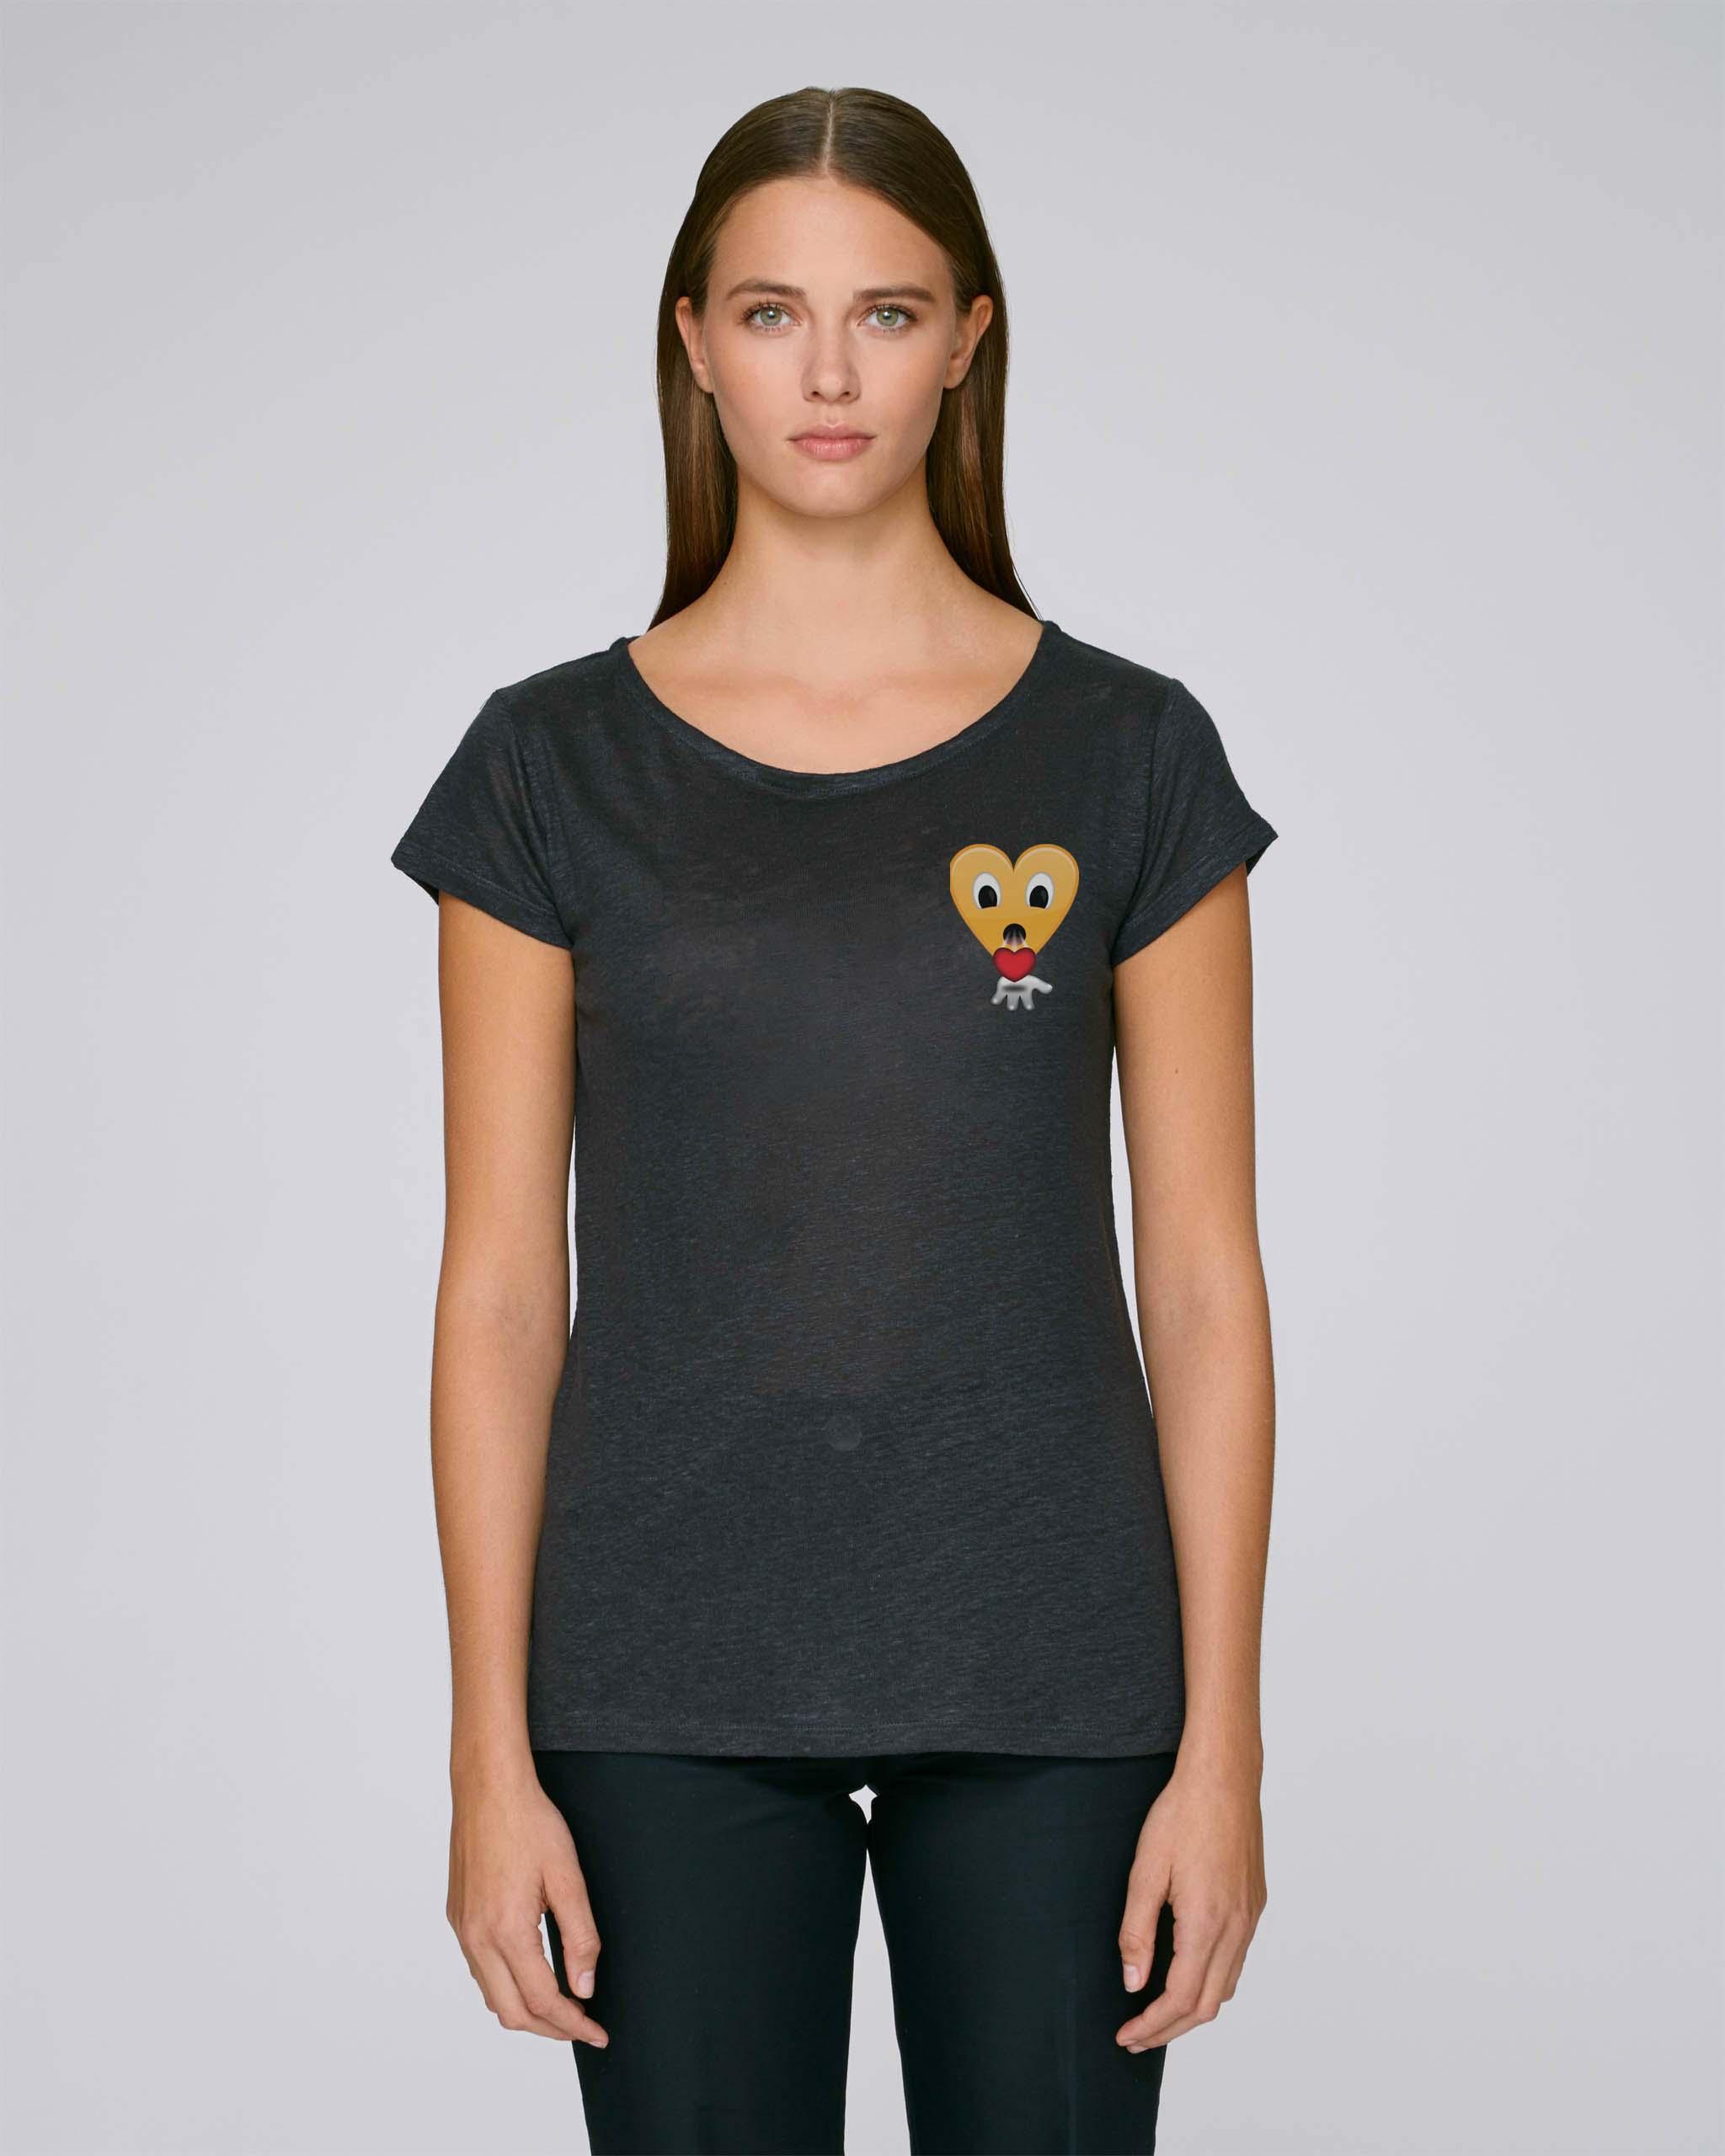 T-Shirt Bio noir stretch Femme - kiss tee